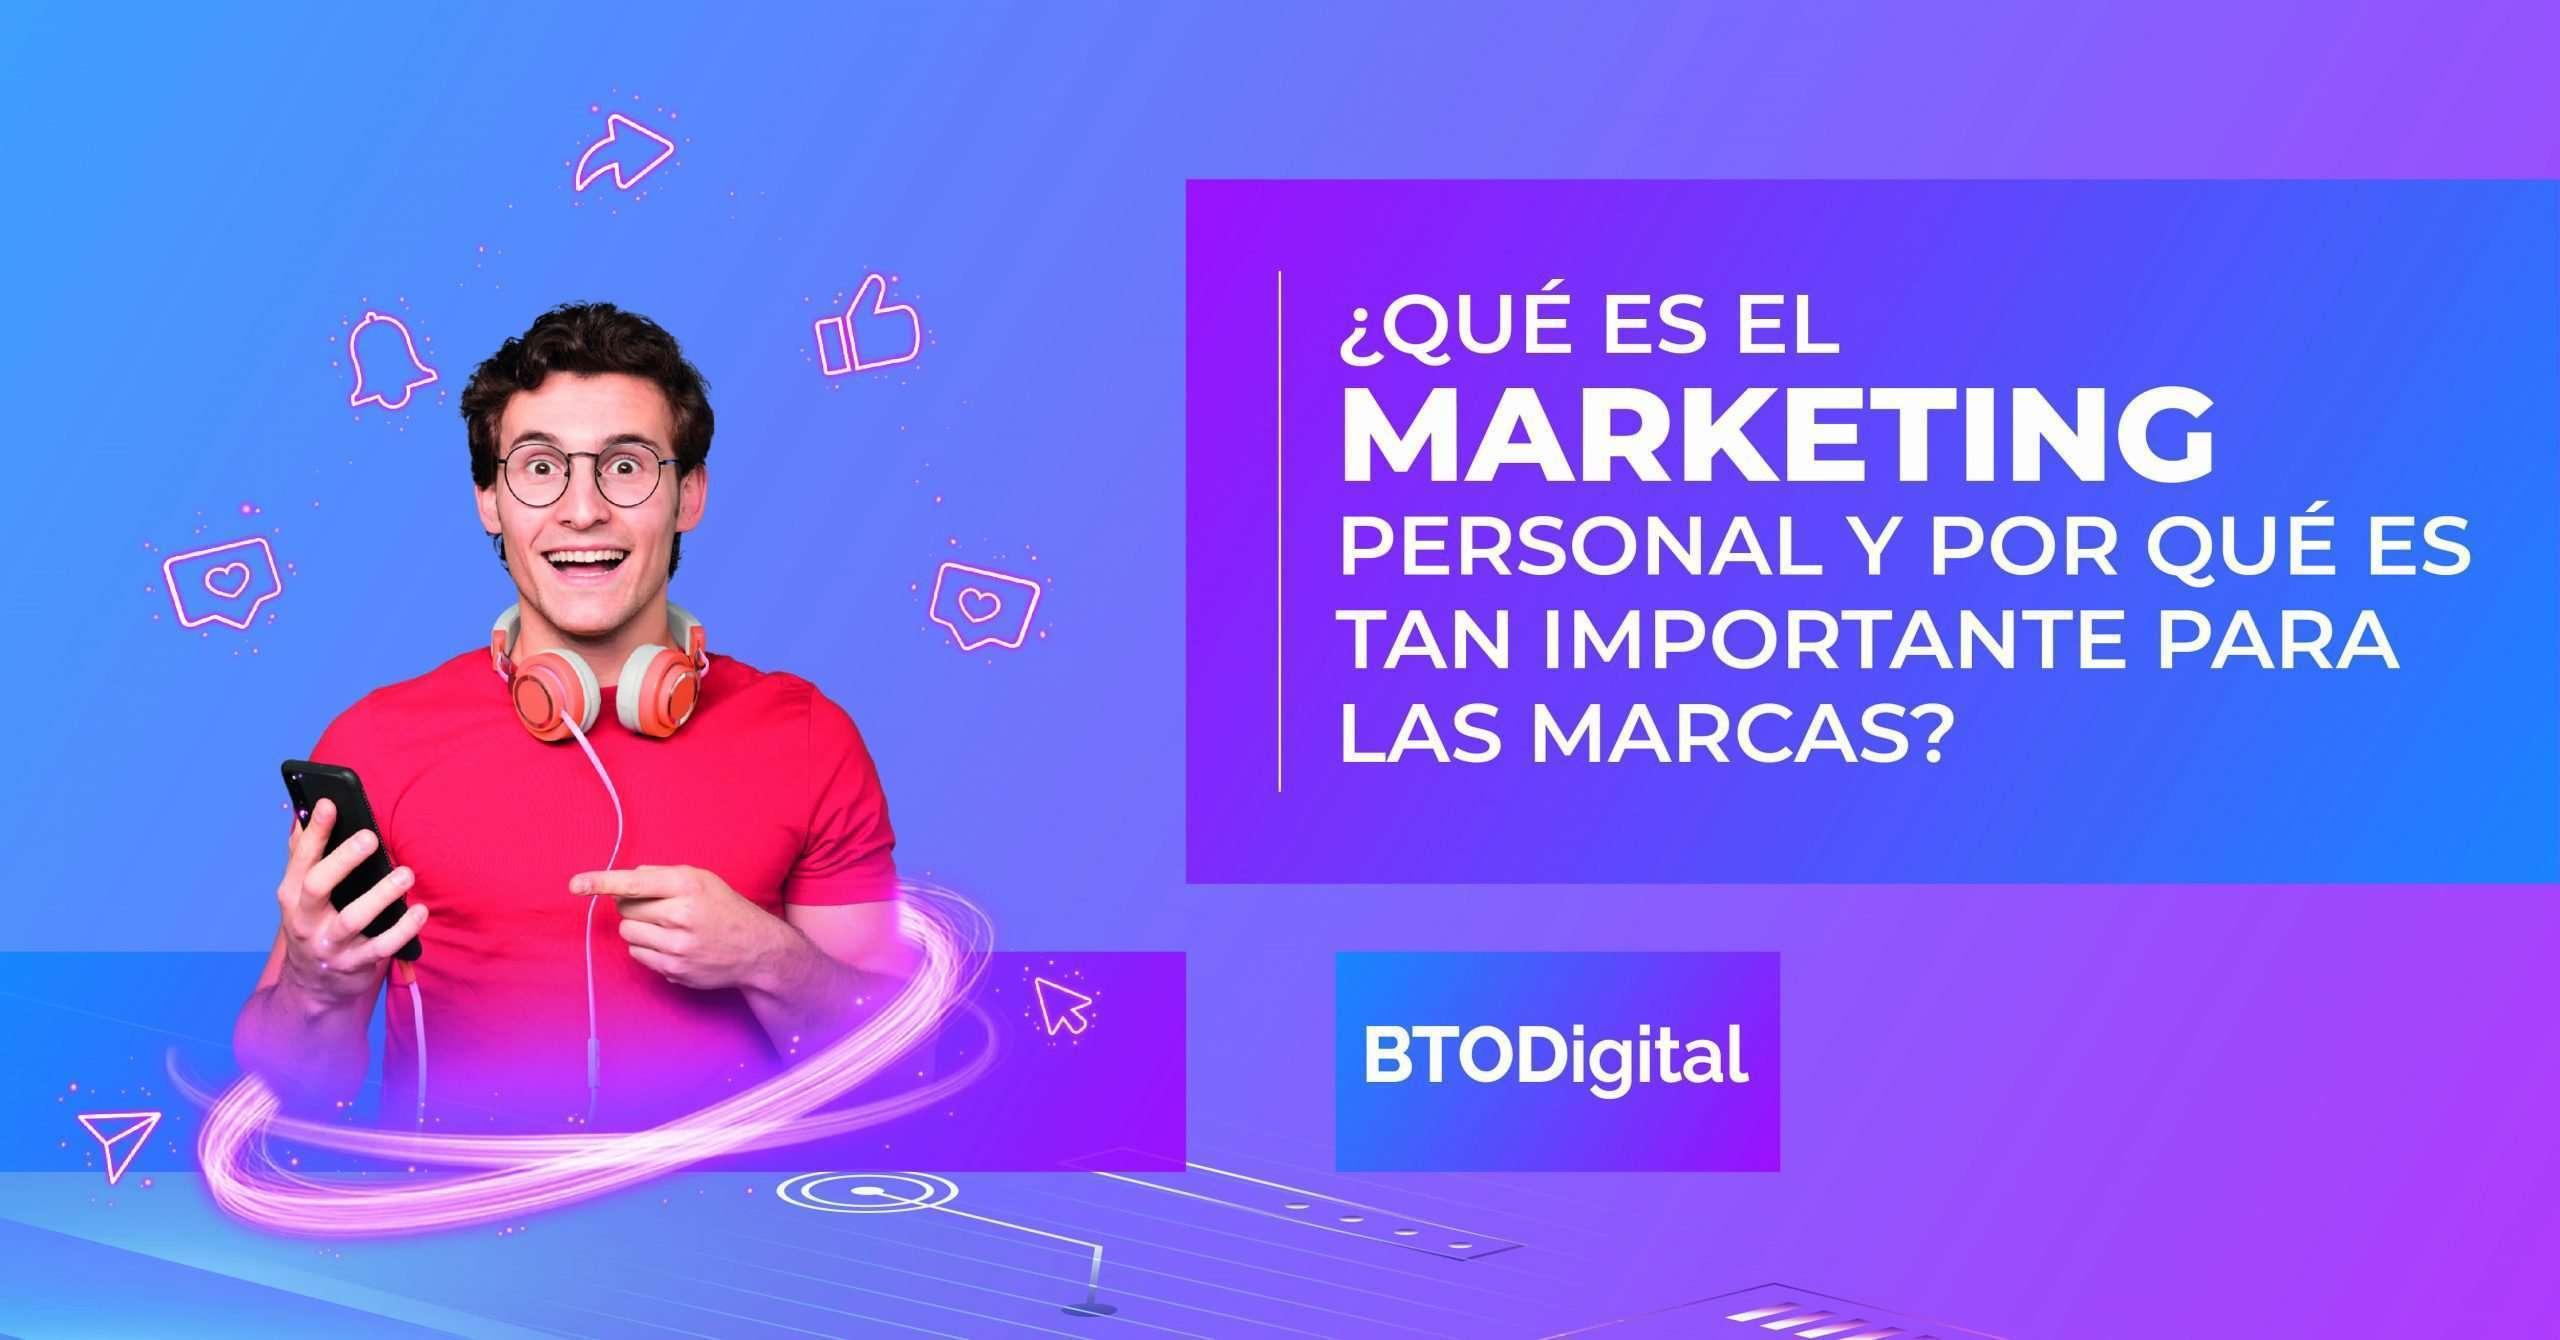 Qué es el marketing personal y por qué es tan importante para las empresas - BTODigital